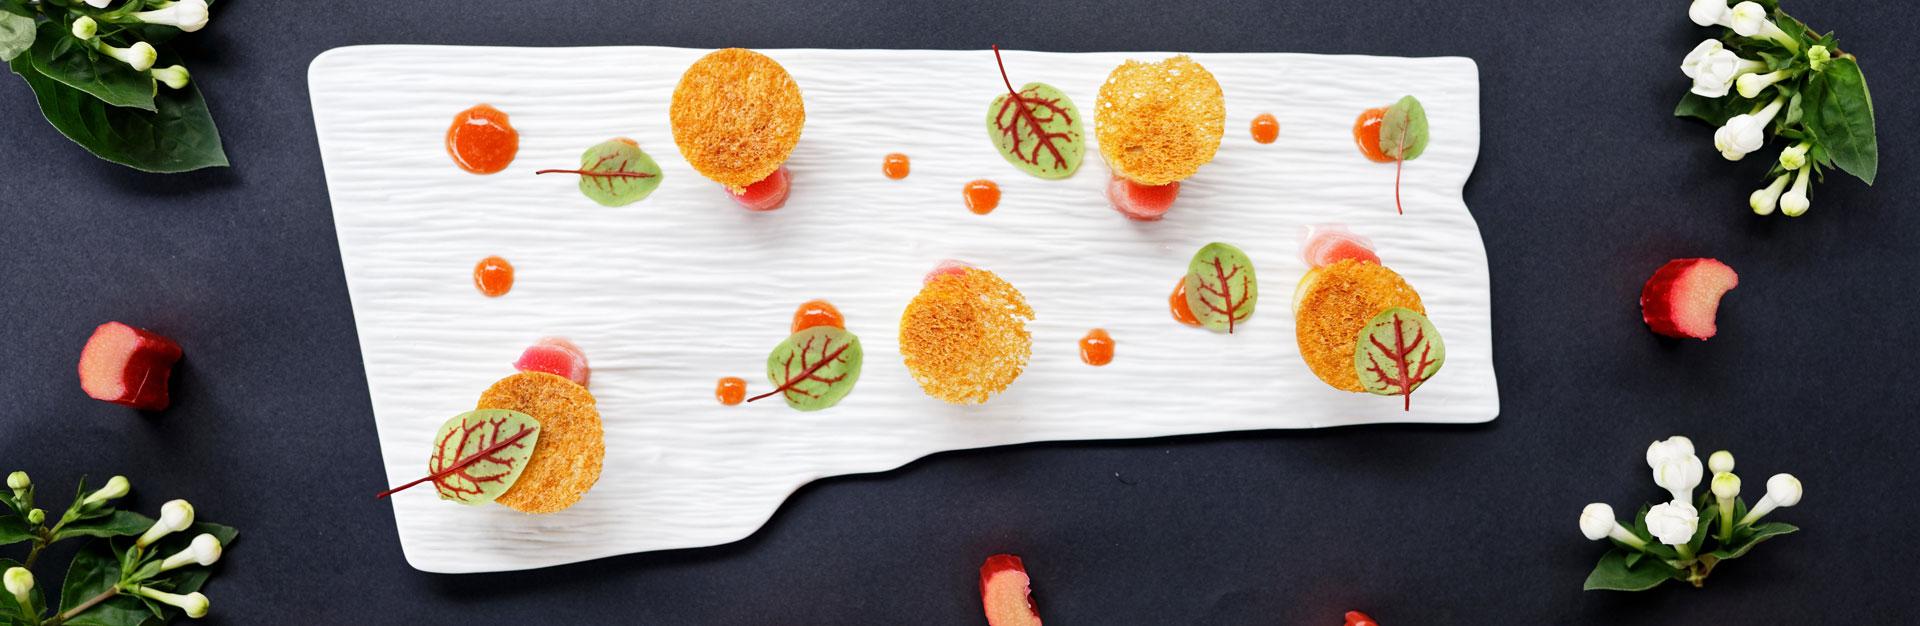 cancan-bistrot-vin-restaurant-rouen-resa-1